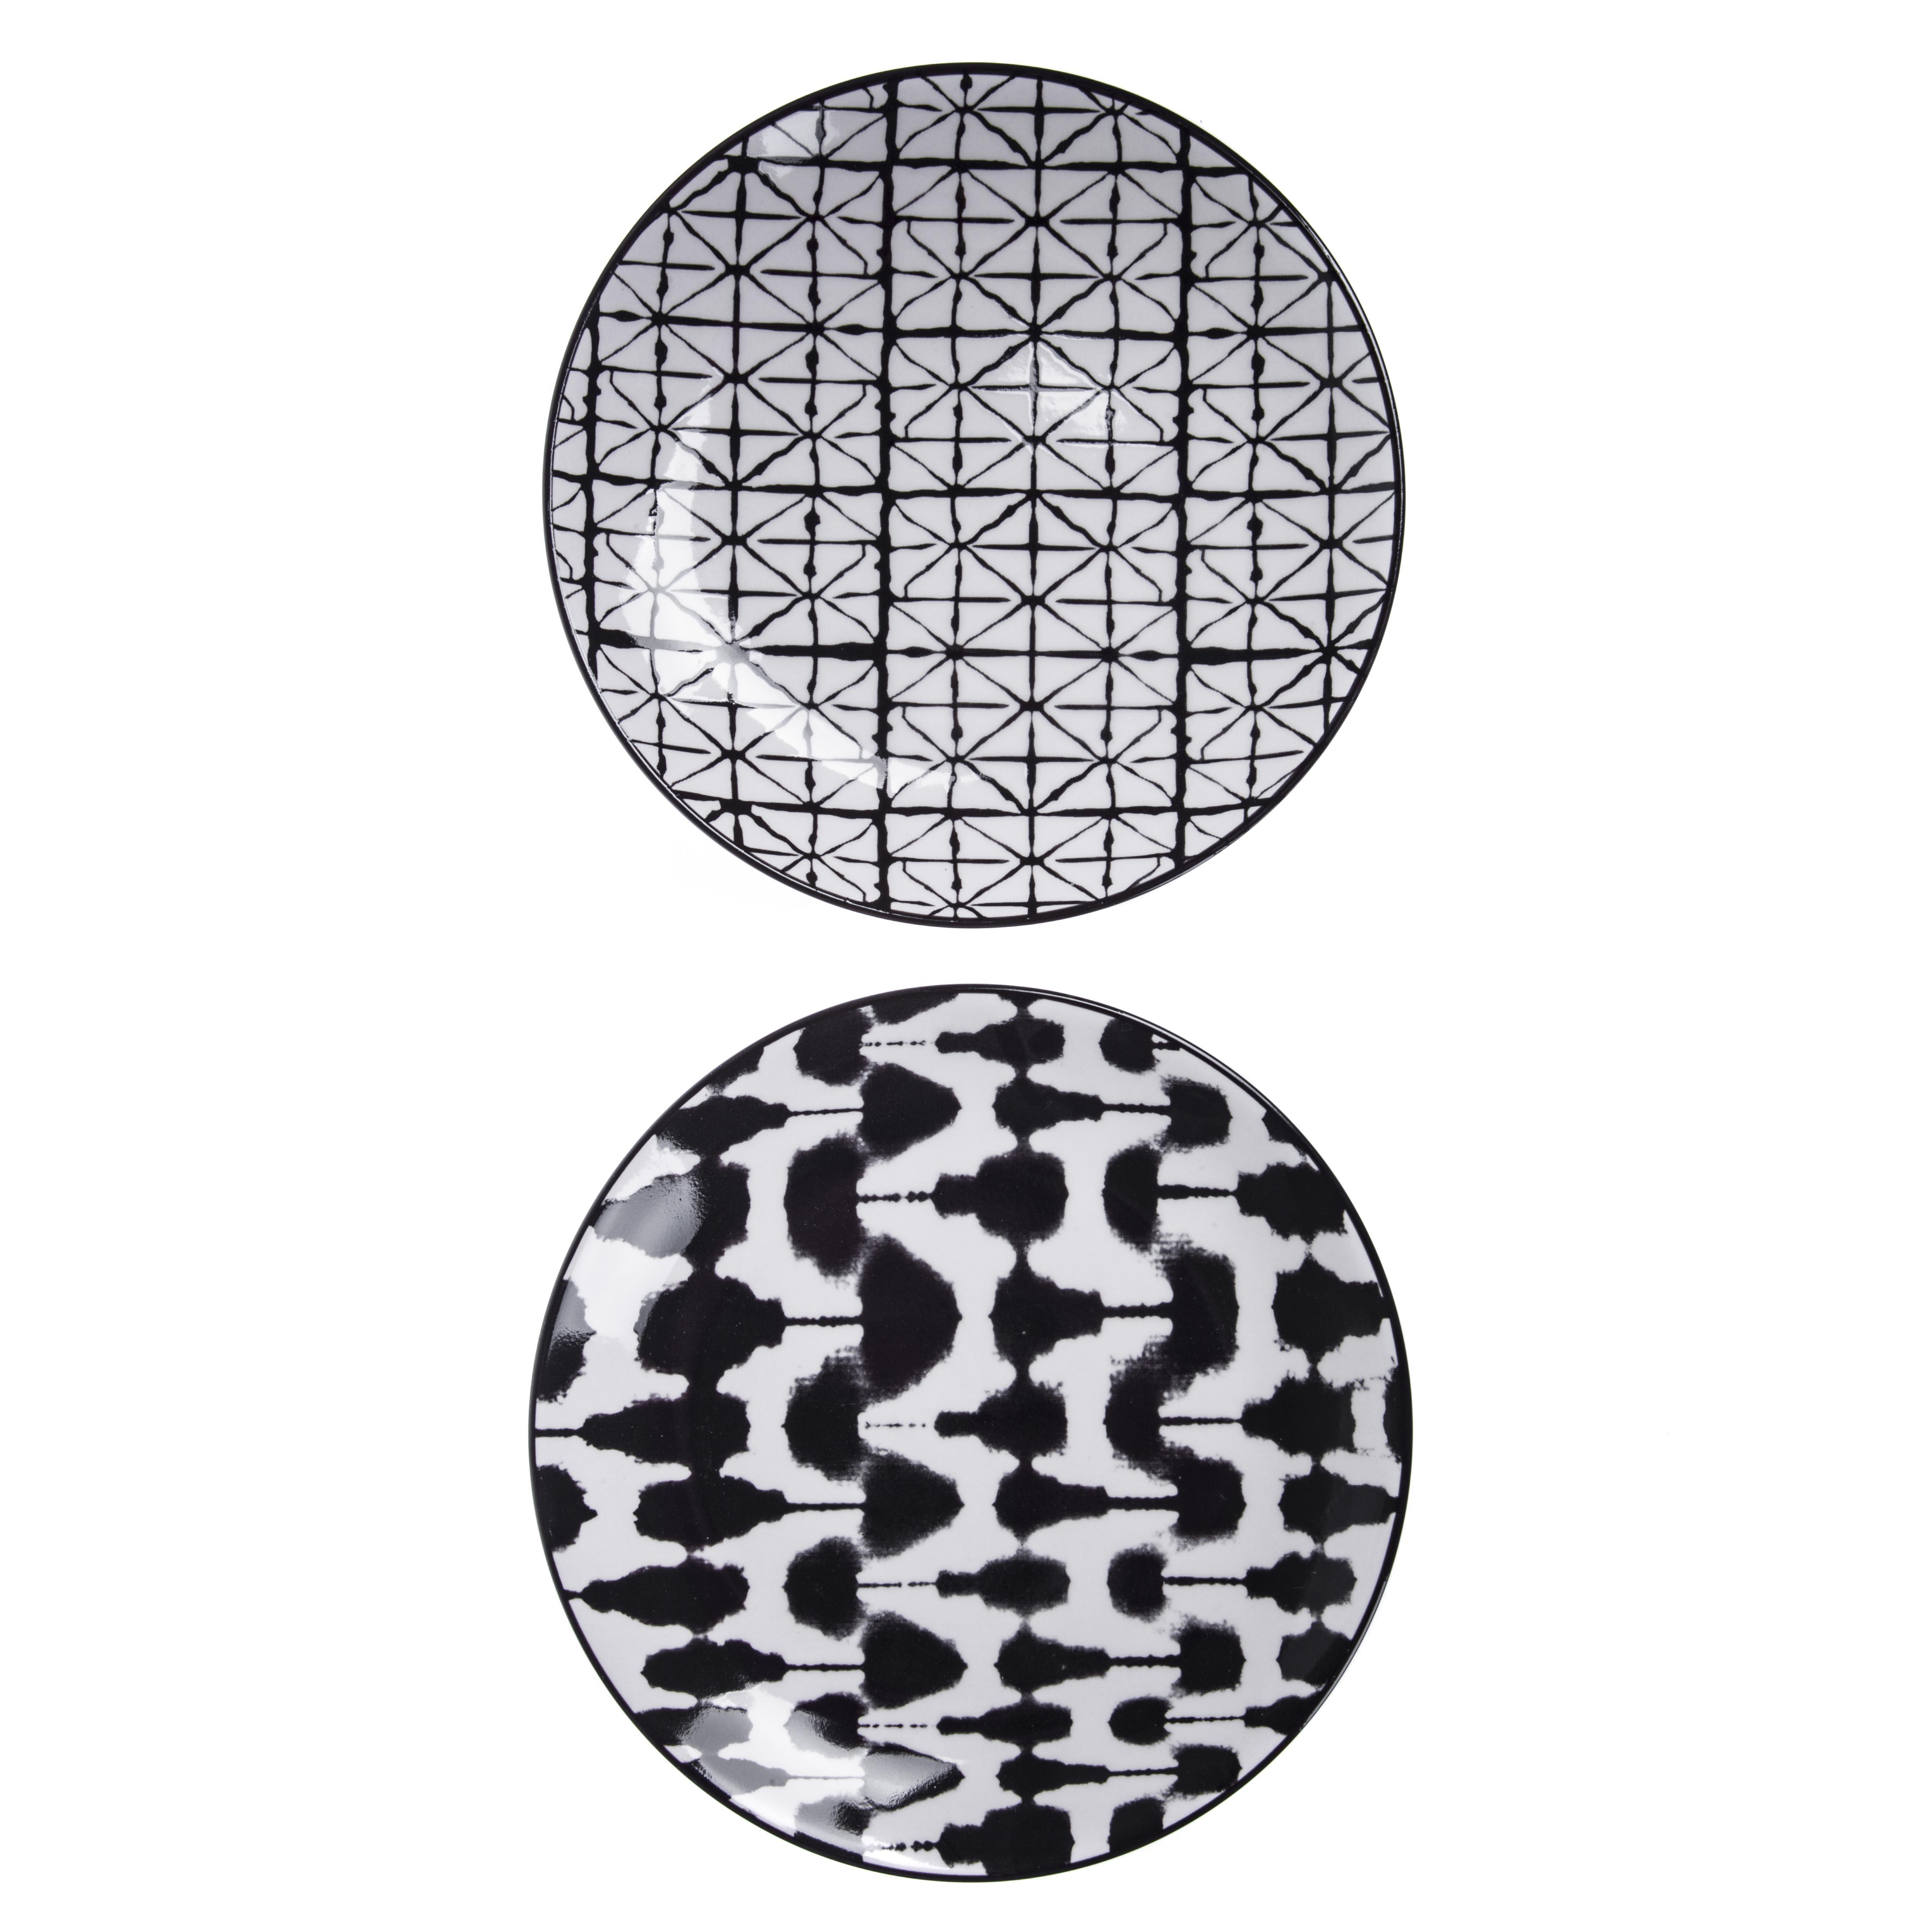 Набор тарелок Asa selection Blurred & grid 2 шт grid